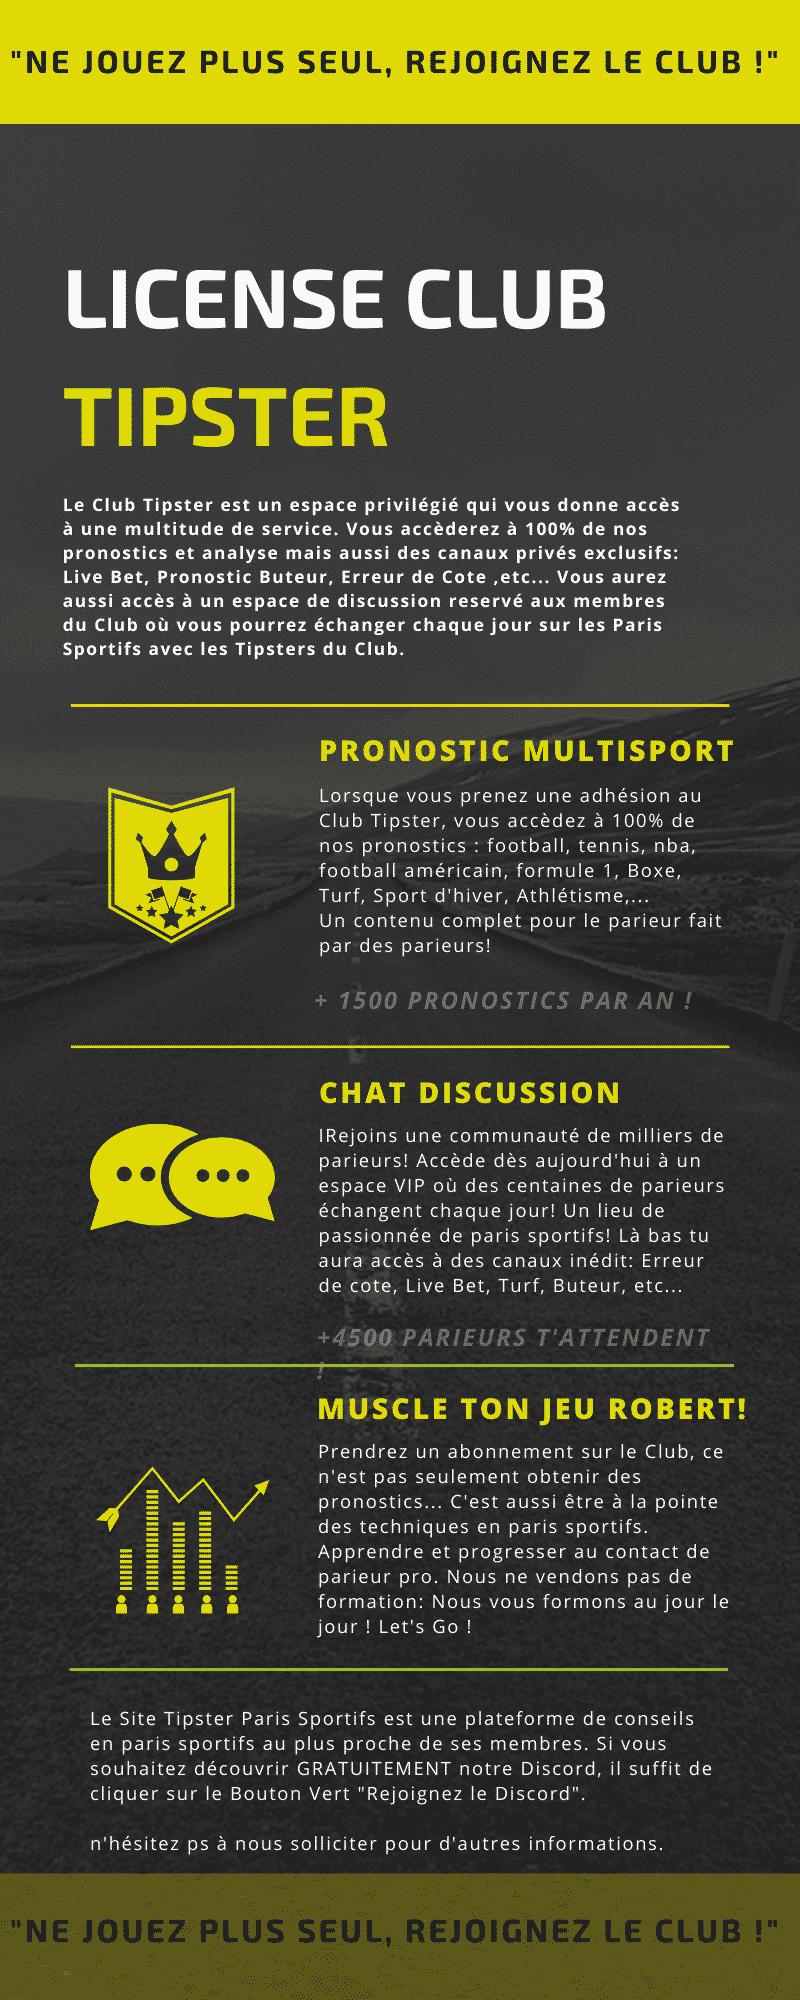 site de pronostic paris sportifs tipster inforgraphie(1)